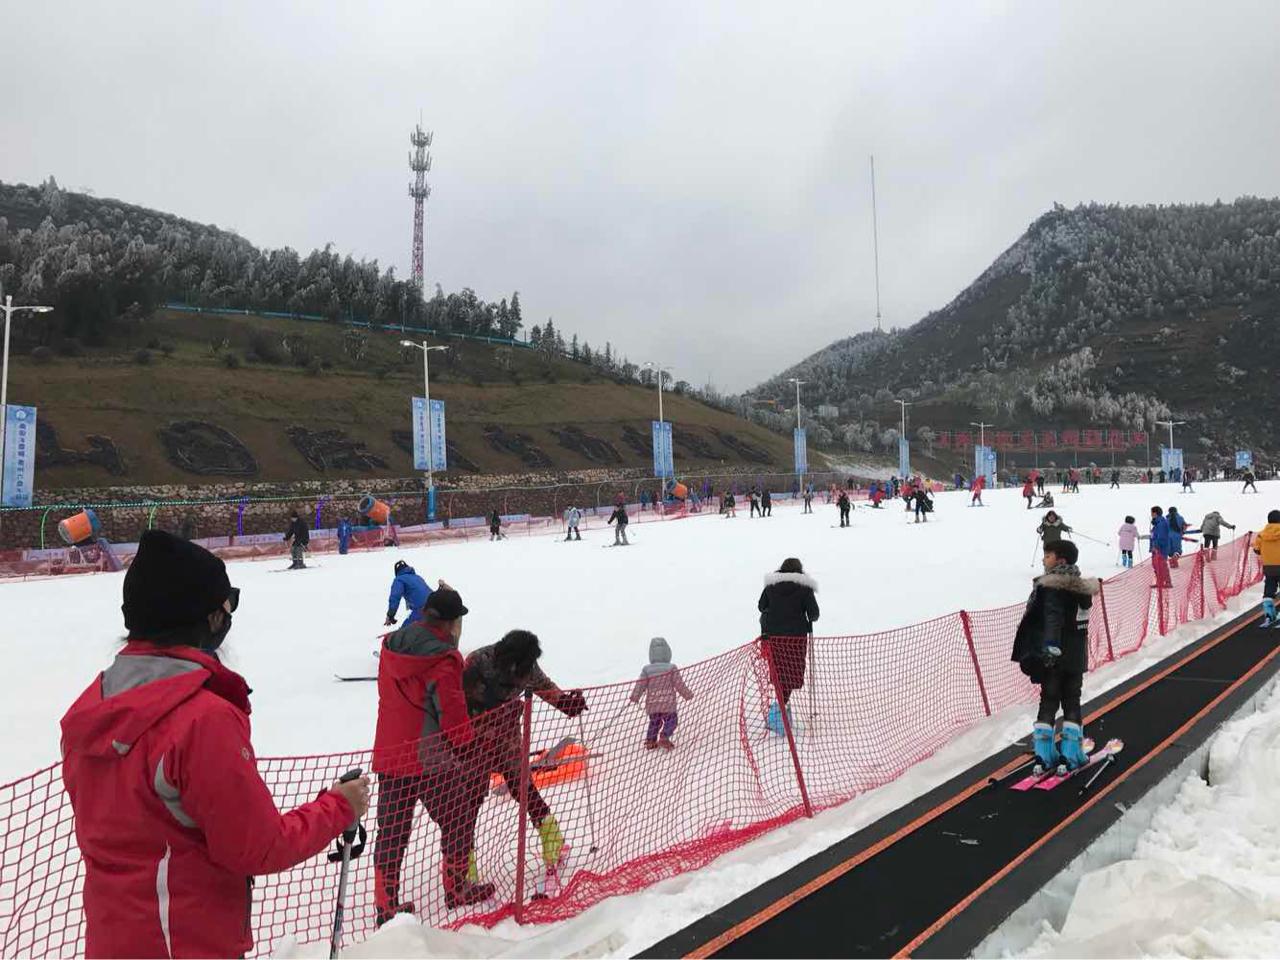 六盘水梅花山滑雪+成人票1月18日19日每日10点限量抢购春节限量